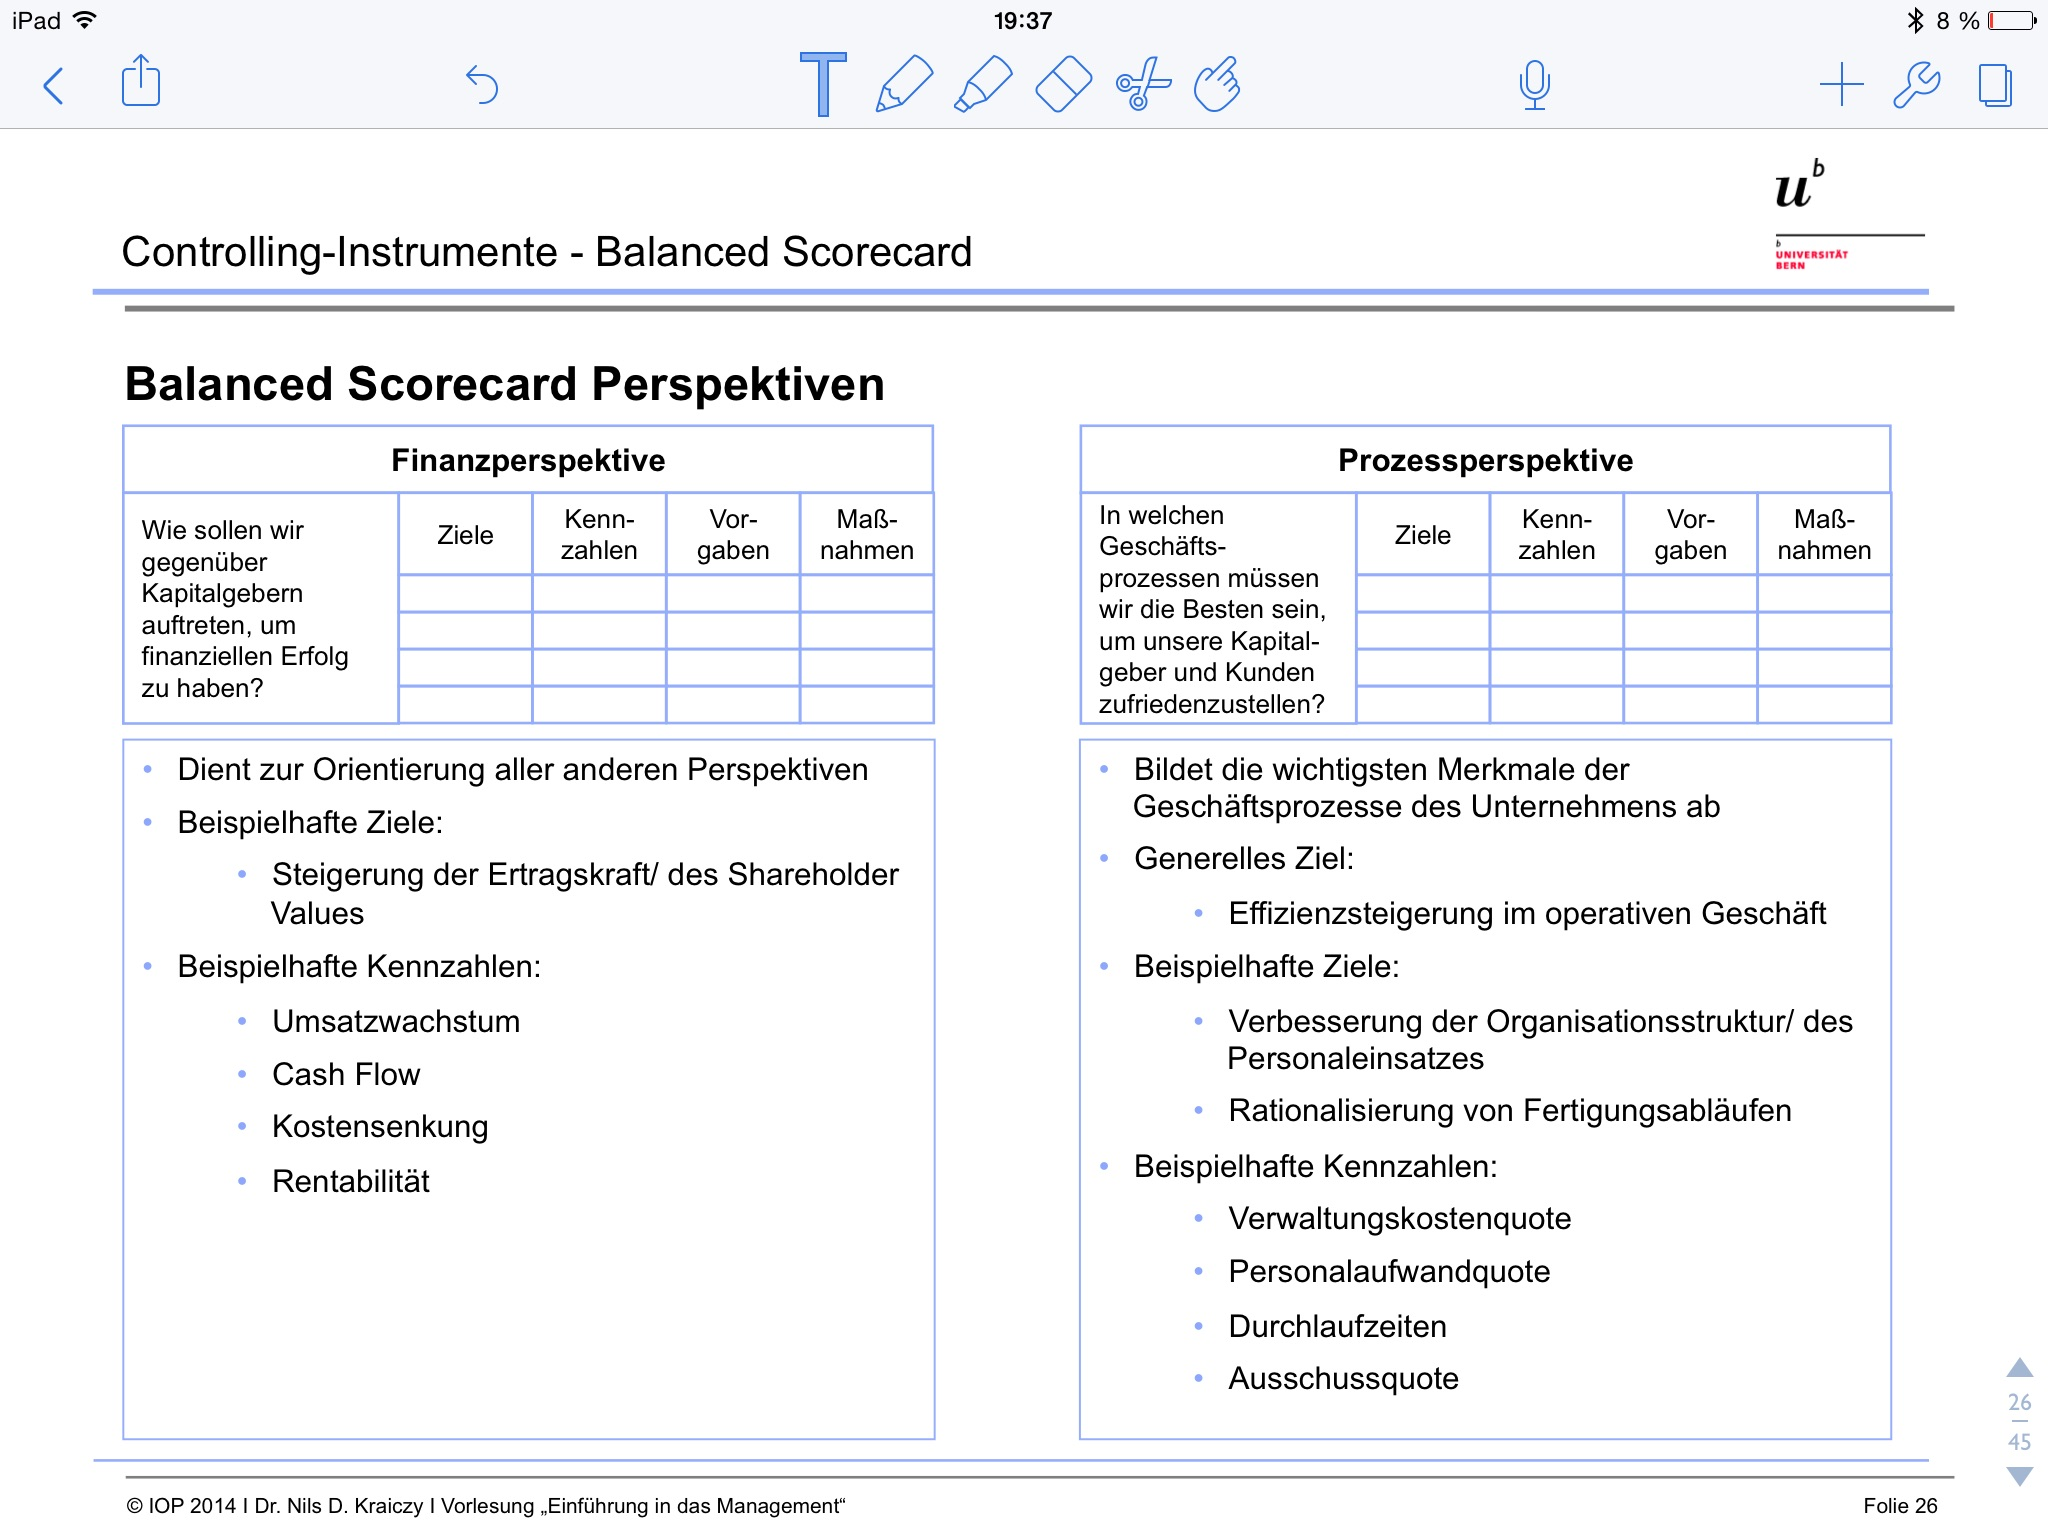 weitere perspektiven balanced scorecard